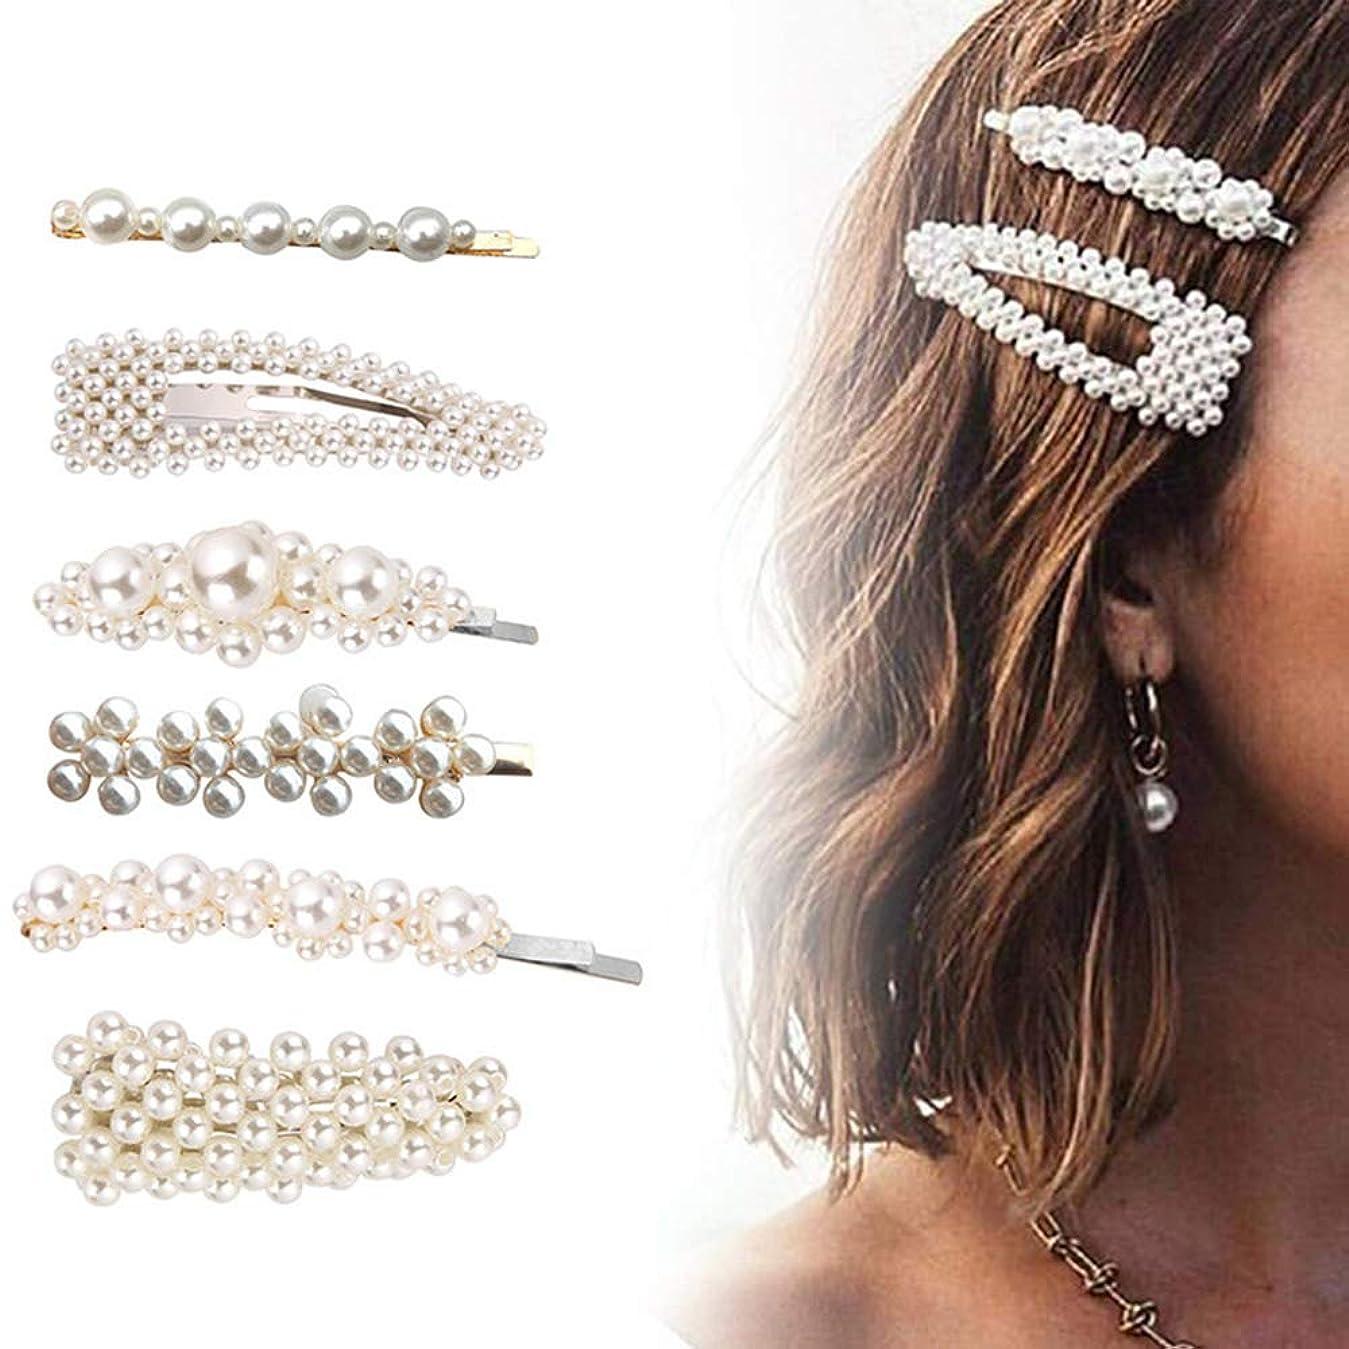 開示する冷蔵庫ペチコート9ピースパールヘアピン、花嫁ののどの真珠のヘアピンビーズのヘアピンの装飾、ヘアピンの女性のヘアアクセサリー